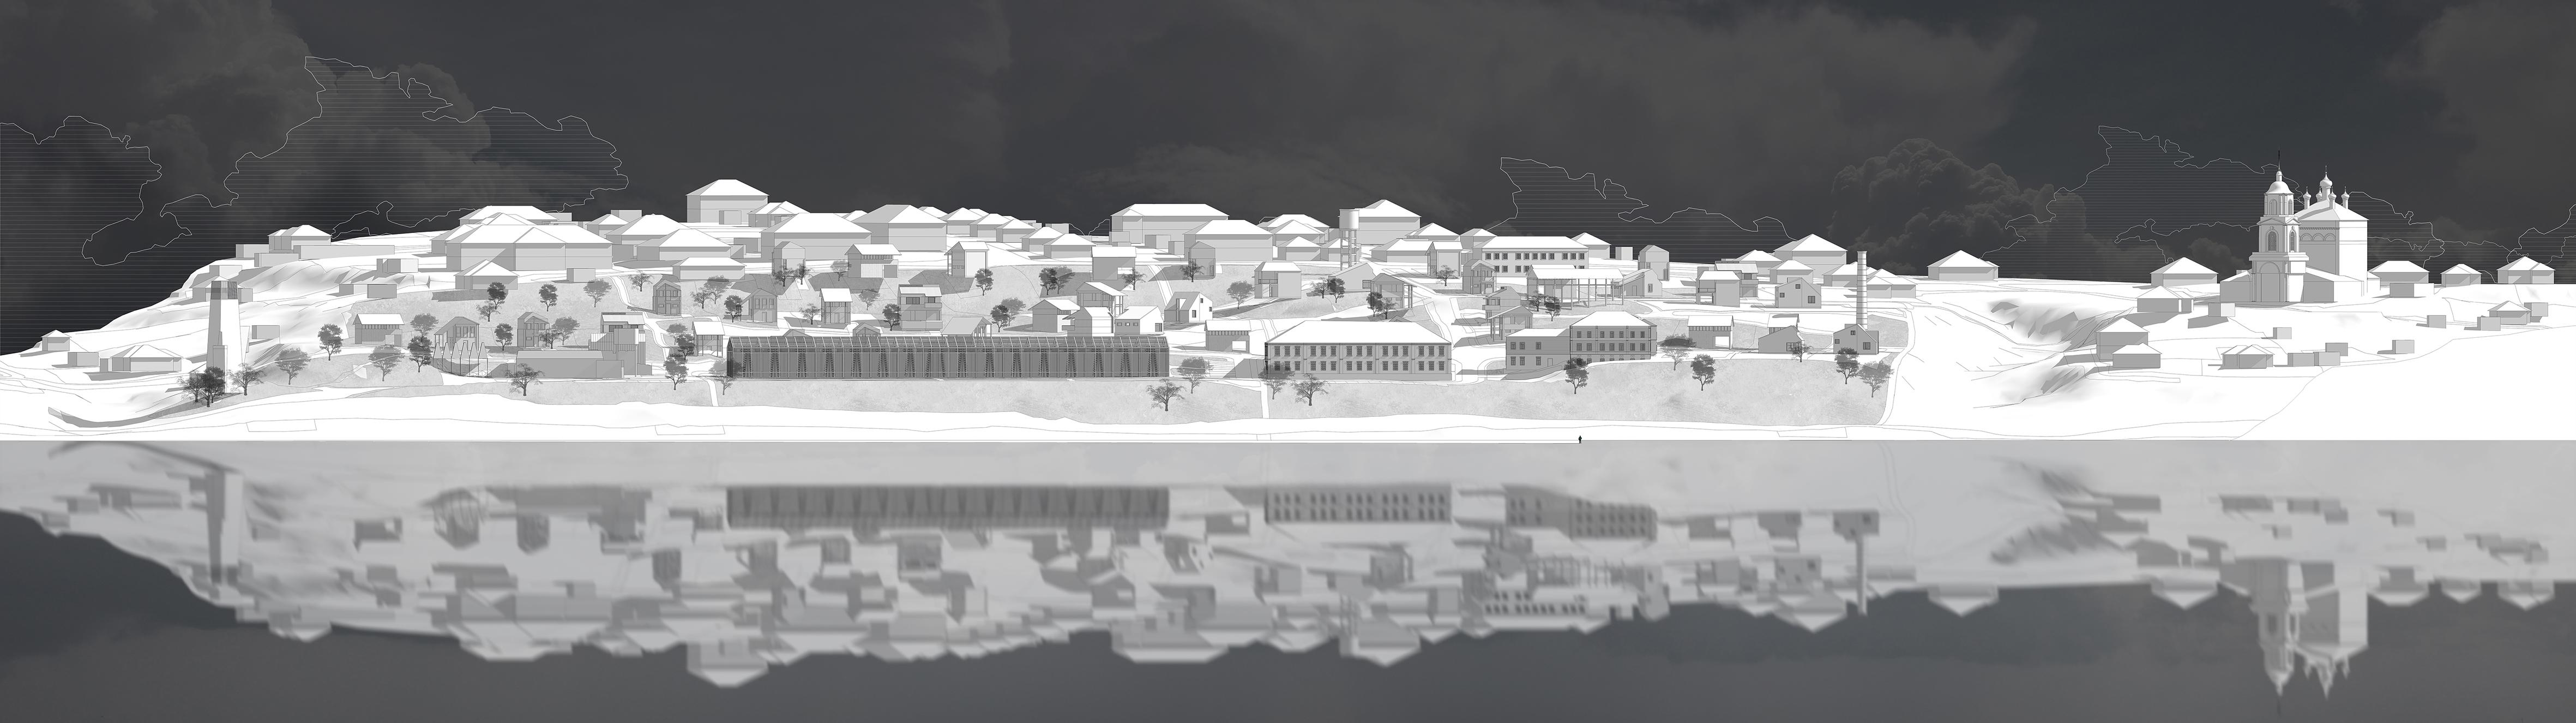 Панорама, вид с реки. Проектное предложение